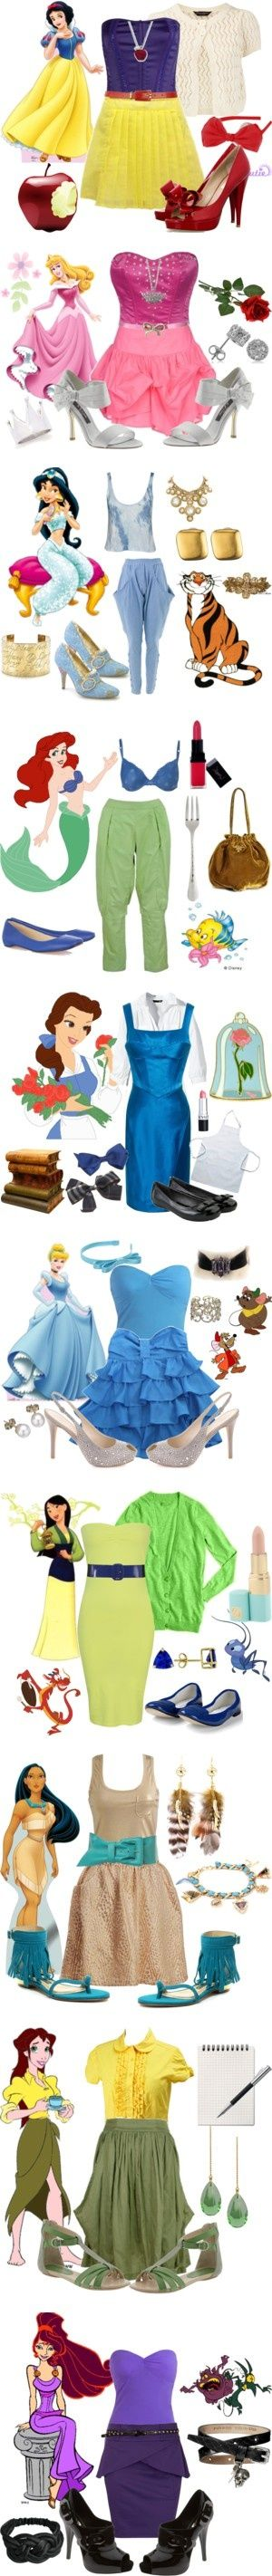 """""""Modern Days Disney Princesses"""" by deborah37 on Polyvore"""